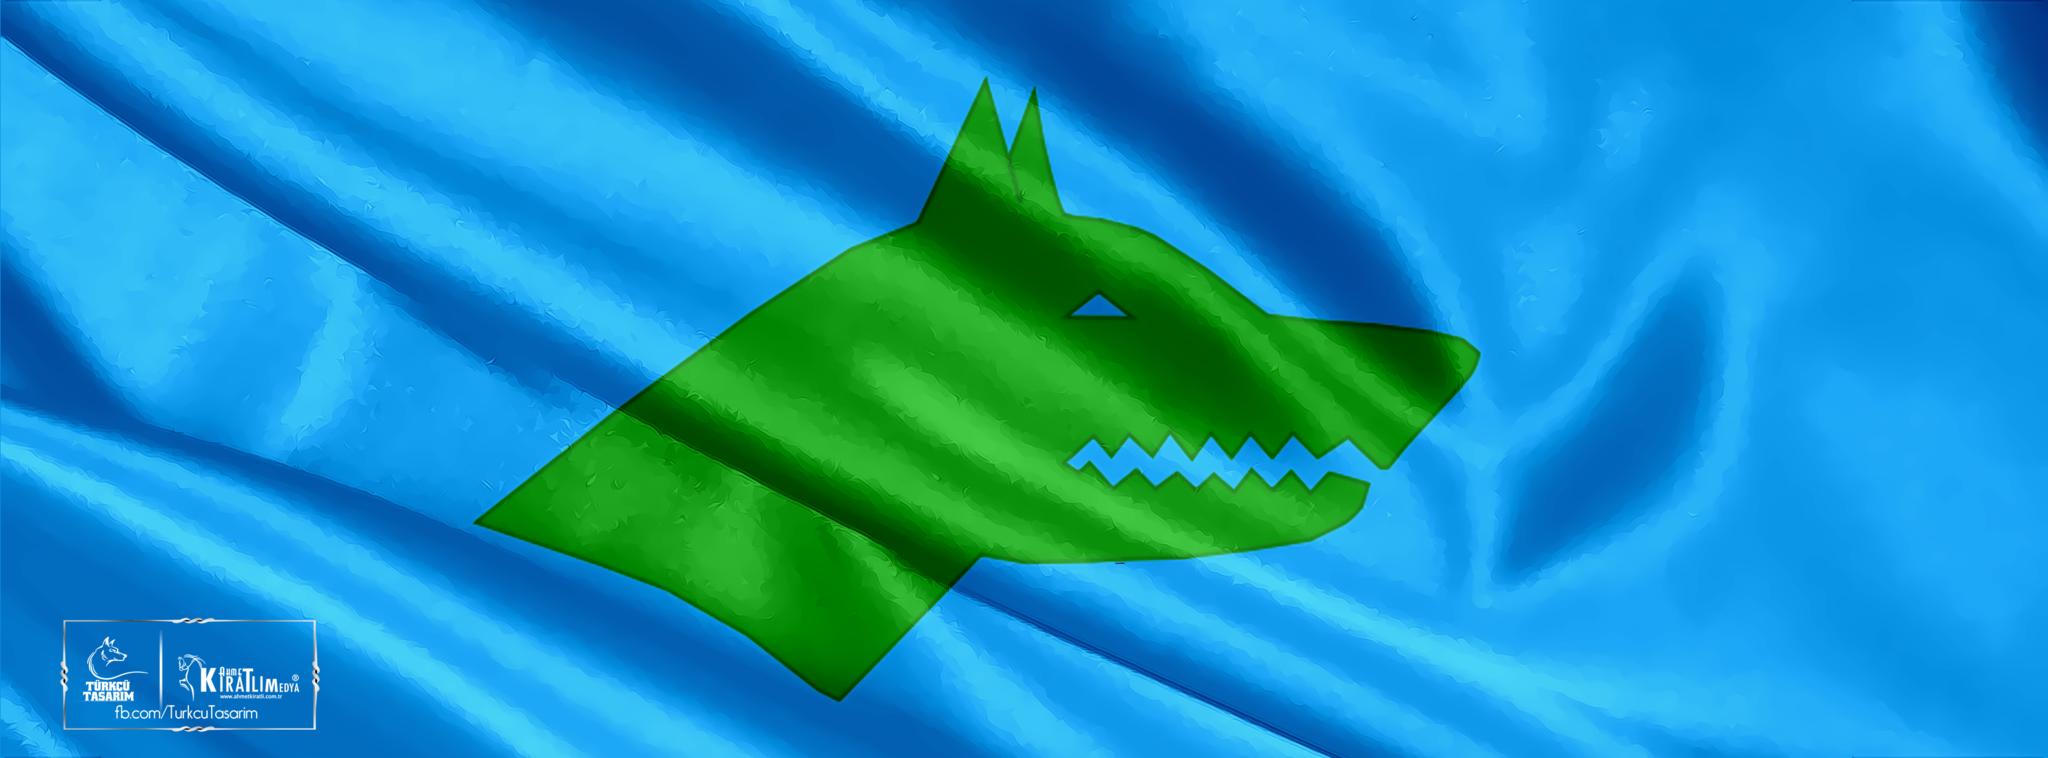 göktürk bayrağı -kapak